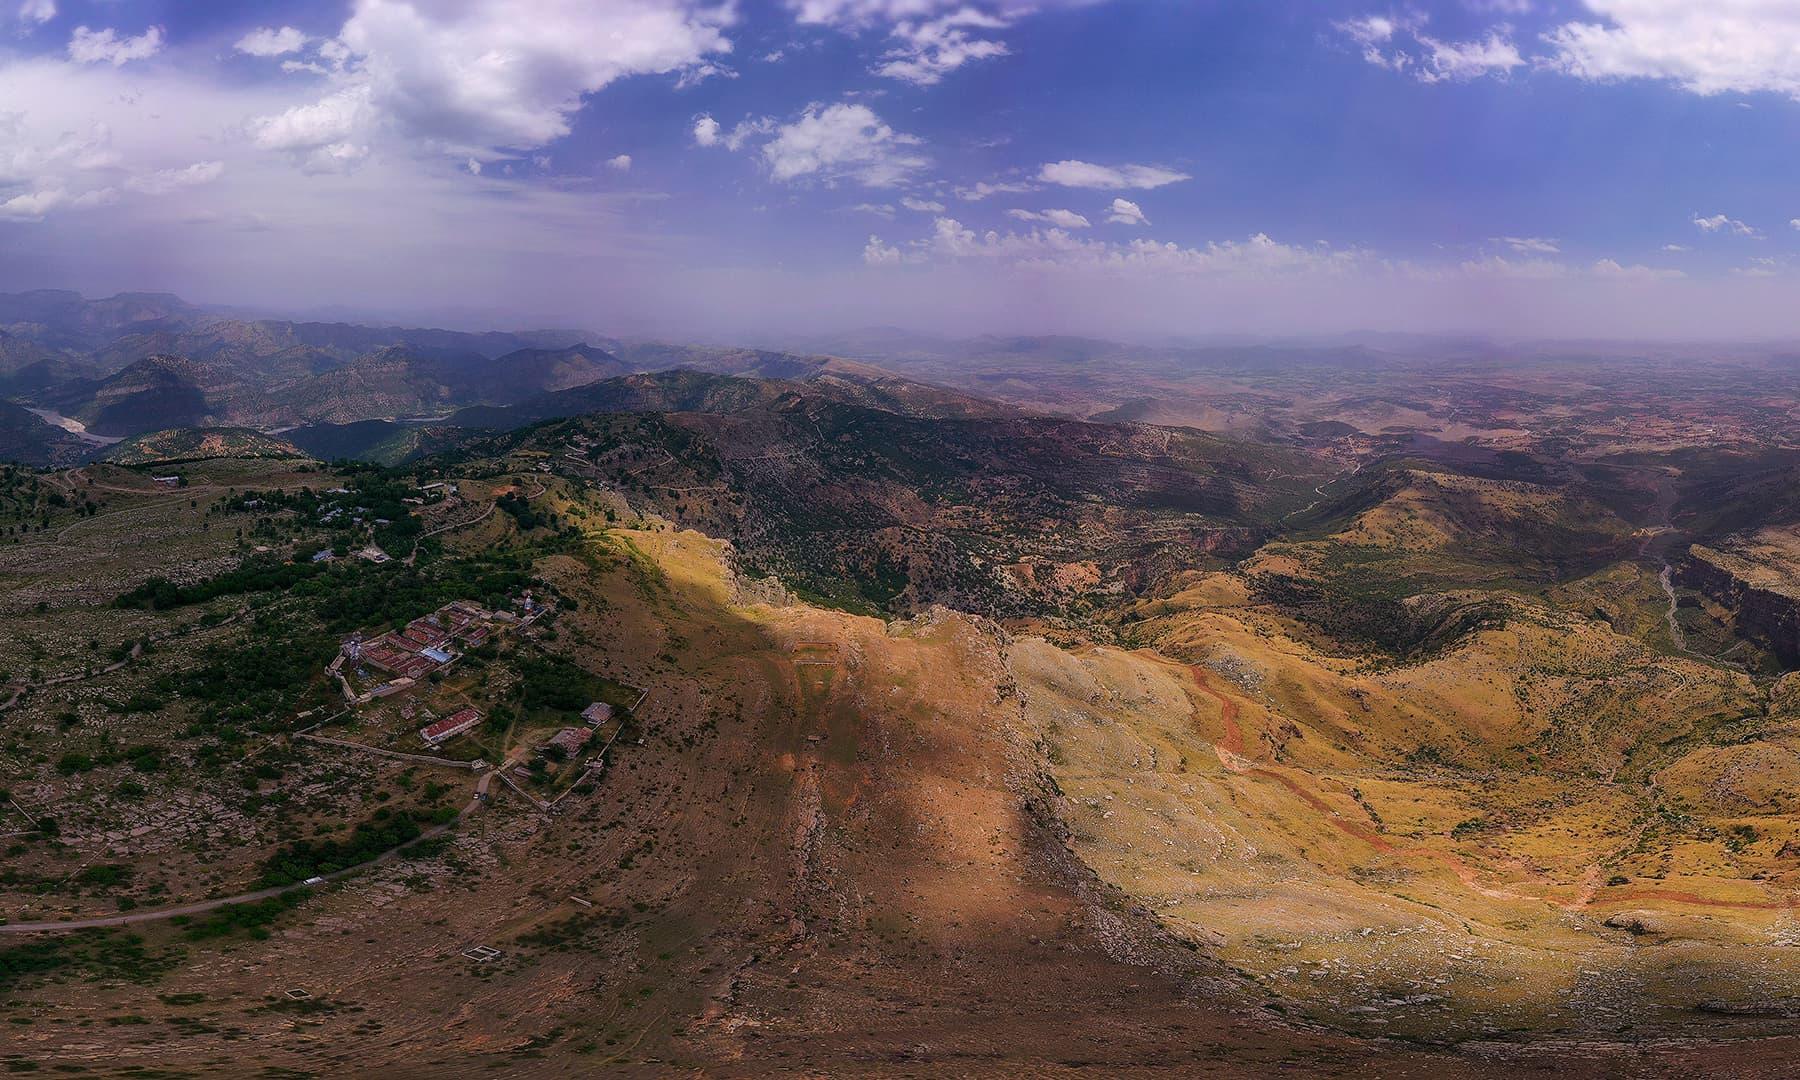 کوہِ سفید کا پہاڑی سلسلہ کرم ایجنسی یا کرم ڈسٹرکٹ کو افغانستان سے جدا کرتا ہے